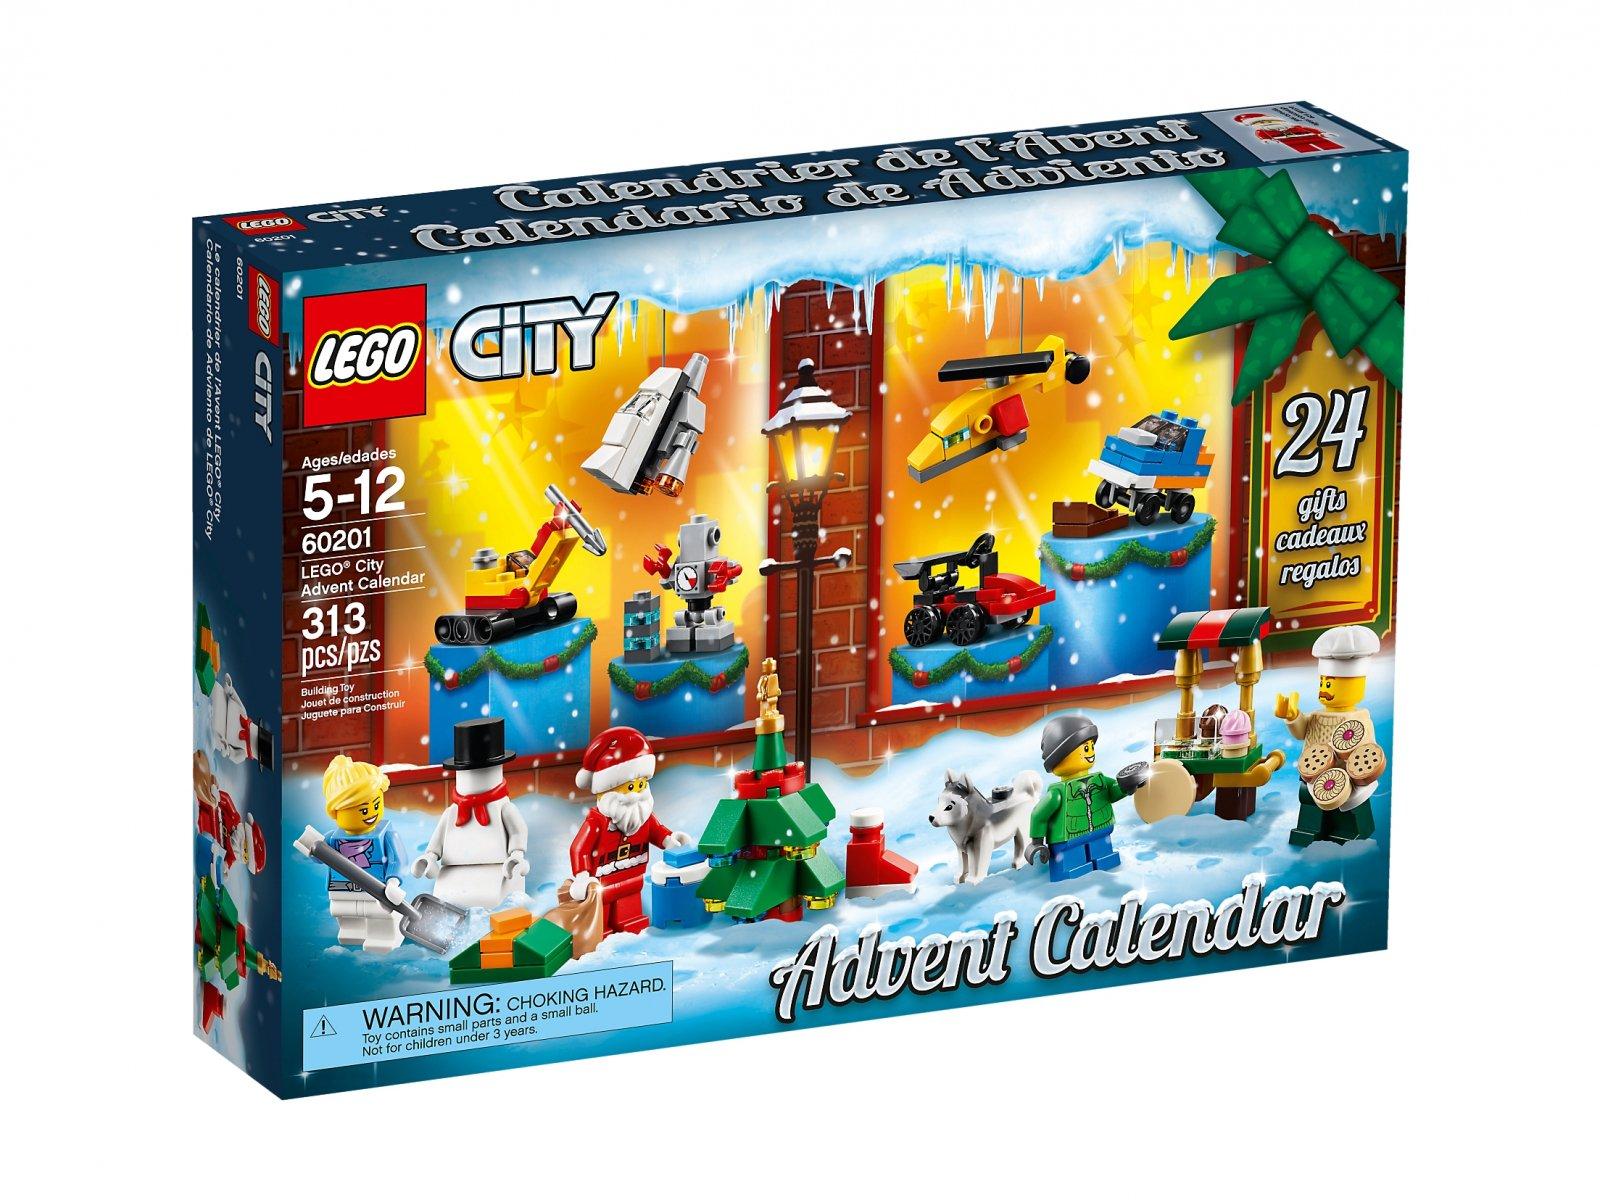 LEGO City Kalendarz adwentowy LEGO® City